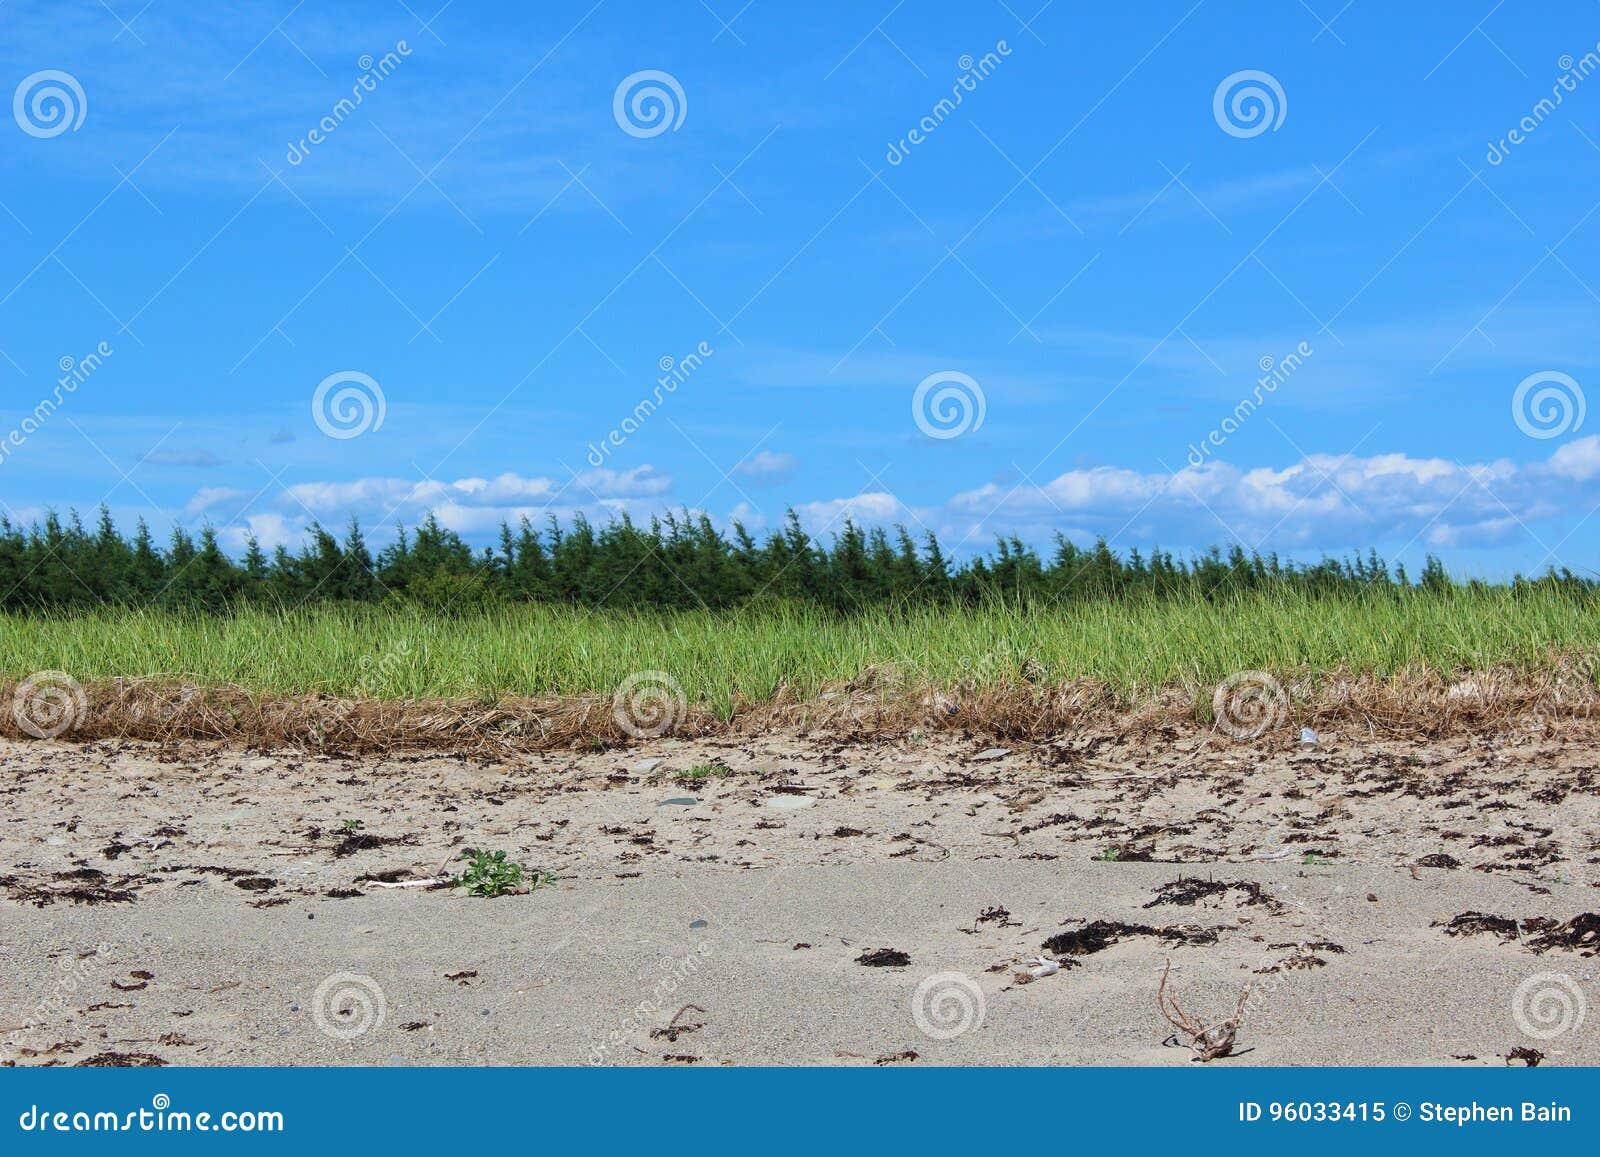 Piaskowata linia brzegowa na przylądek Bretońskiej wyspie z plażową trawą i sosnami w tle